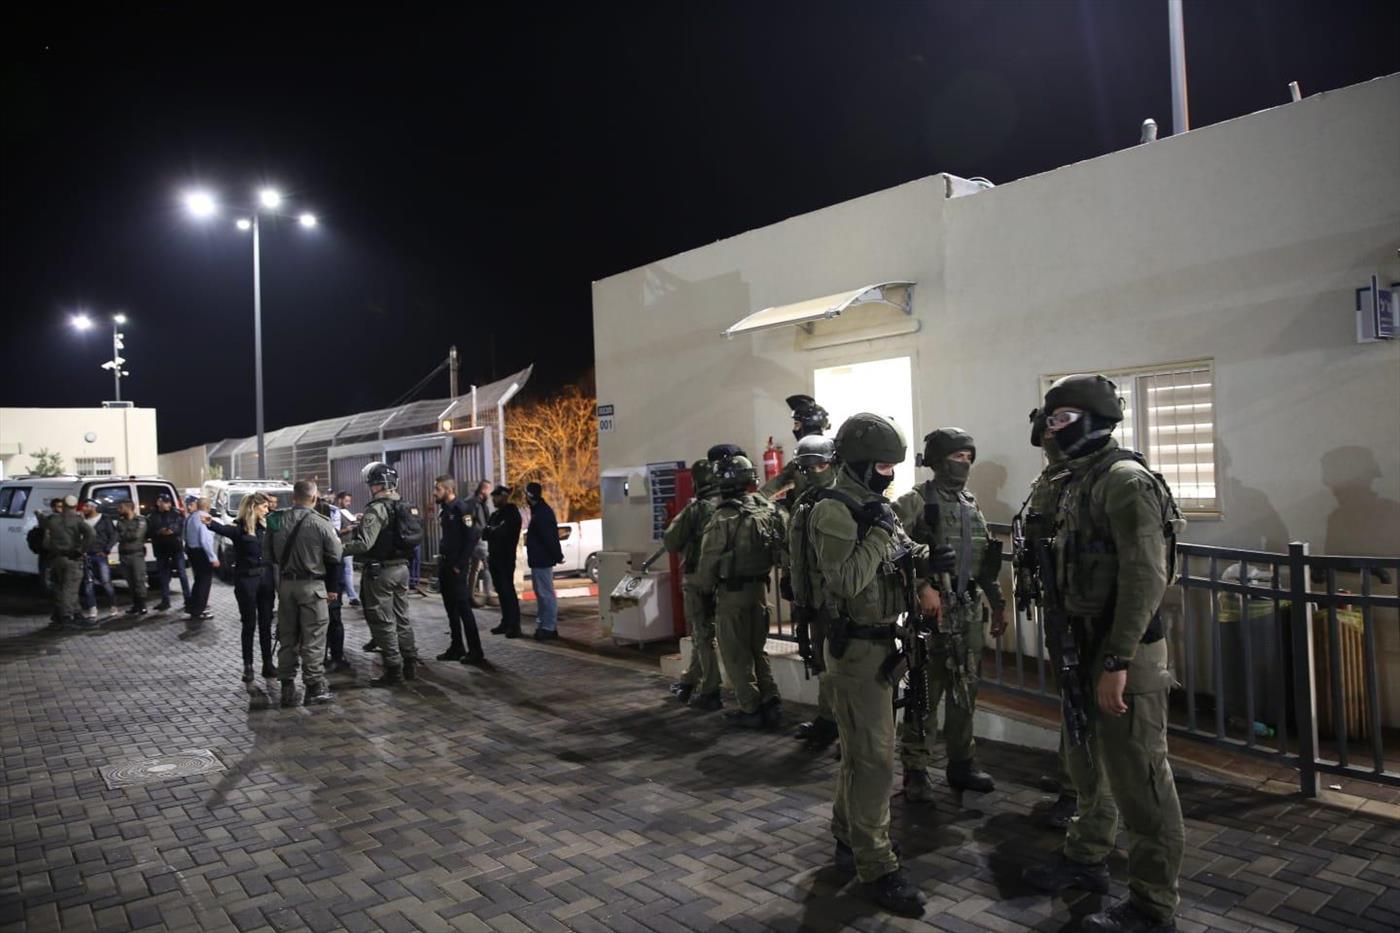 כוחות משטרה בירושלים. ארכיון   (דוברות המשטרה)